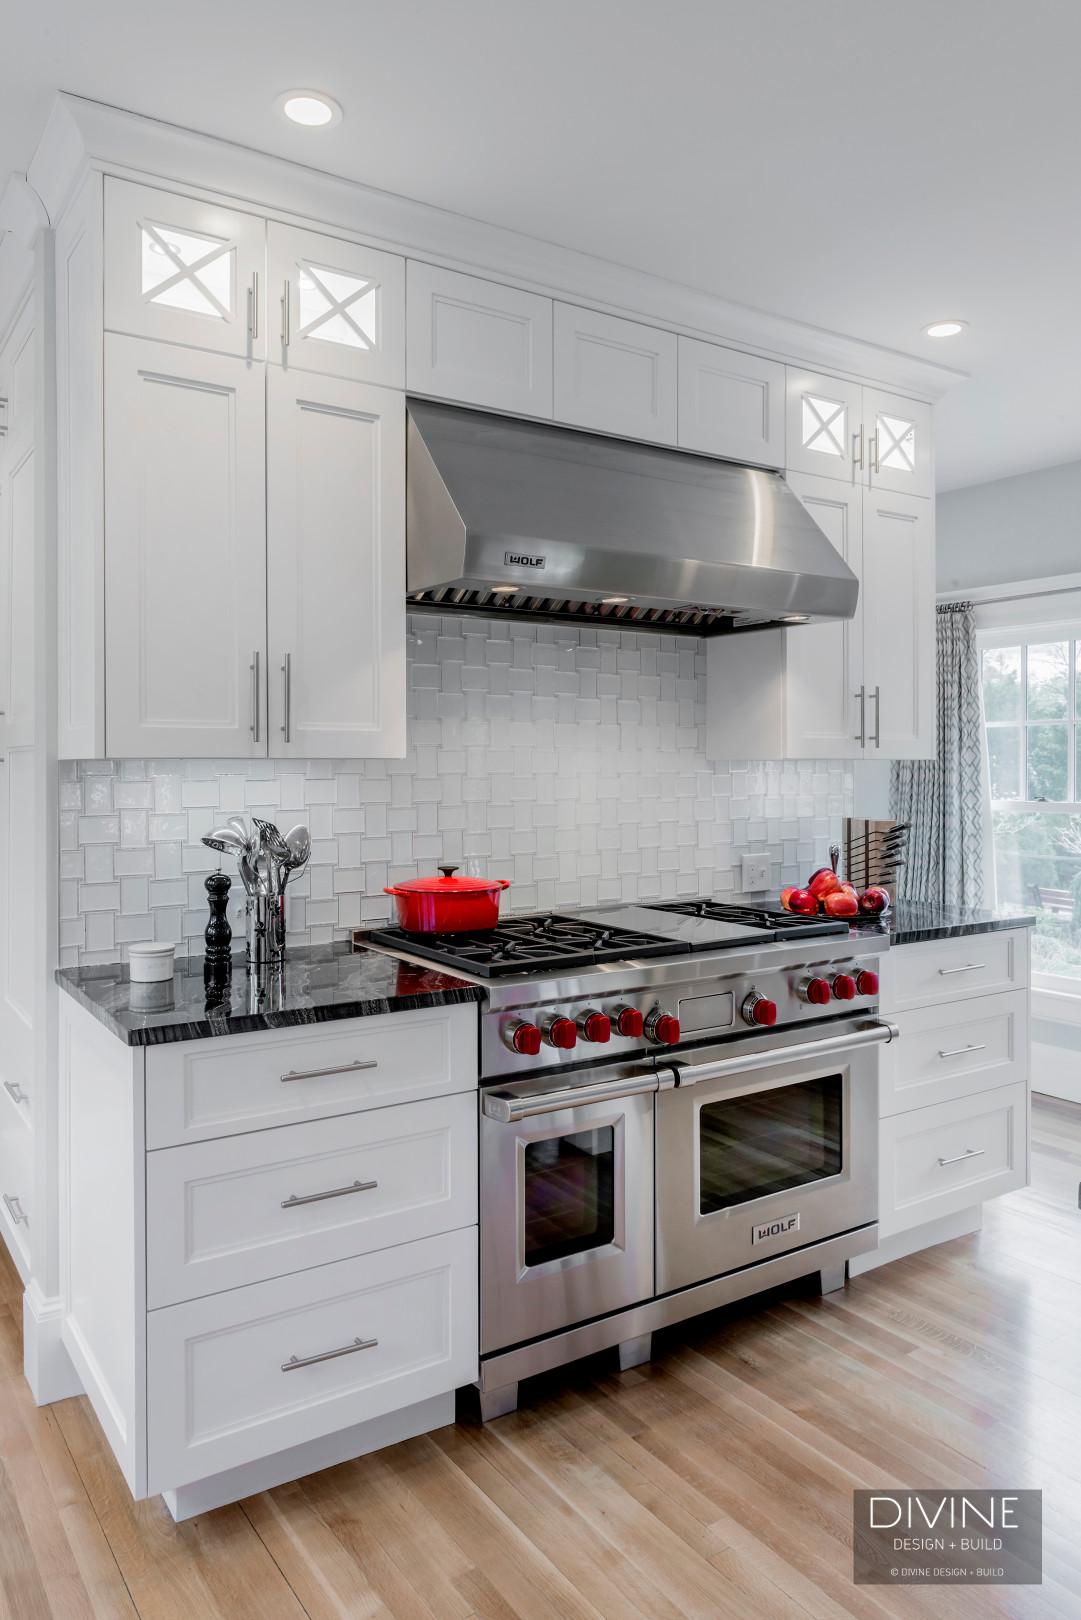 - Boston Lexington Traditional Kitchen In Victorian — Divine Design+